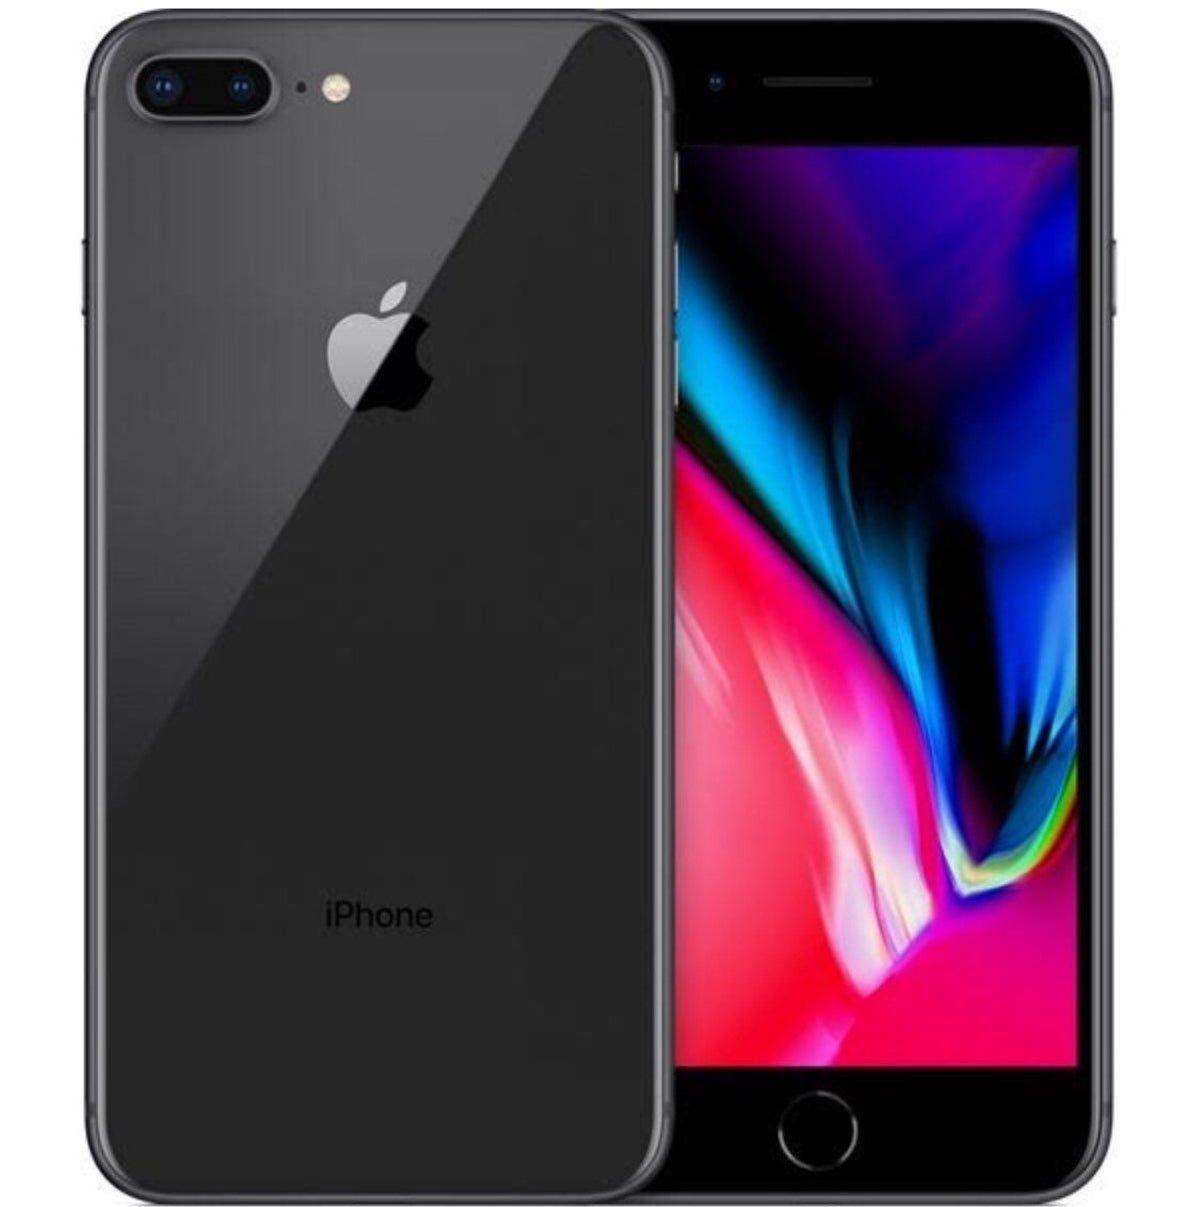 Iphone 8 Plus 64 Gb Black Iphone Apple Iphone Smartphone